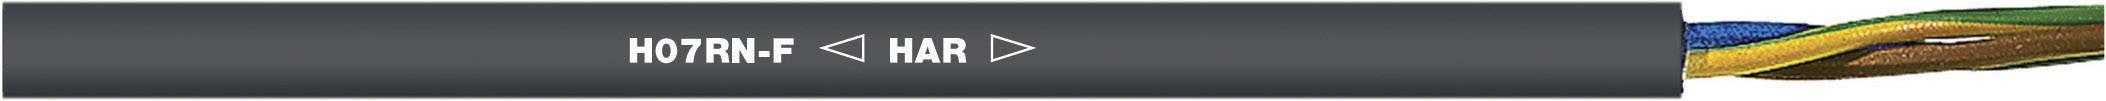 Připojovací kabel H07RN-F 2 x 2.50 mm² černá LAPP 1600187 metrové zboží